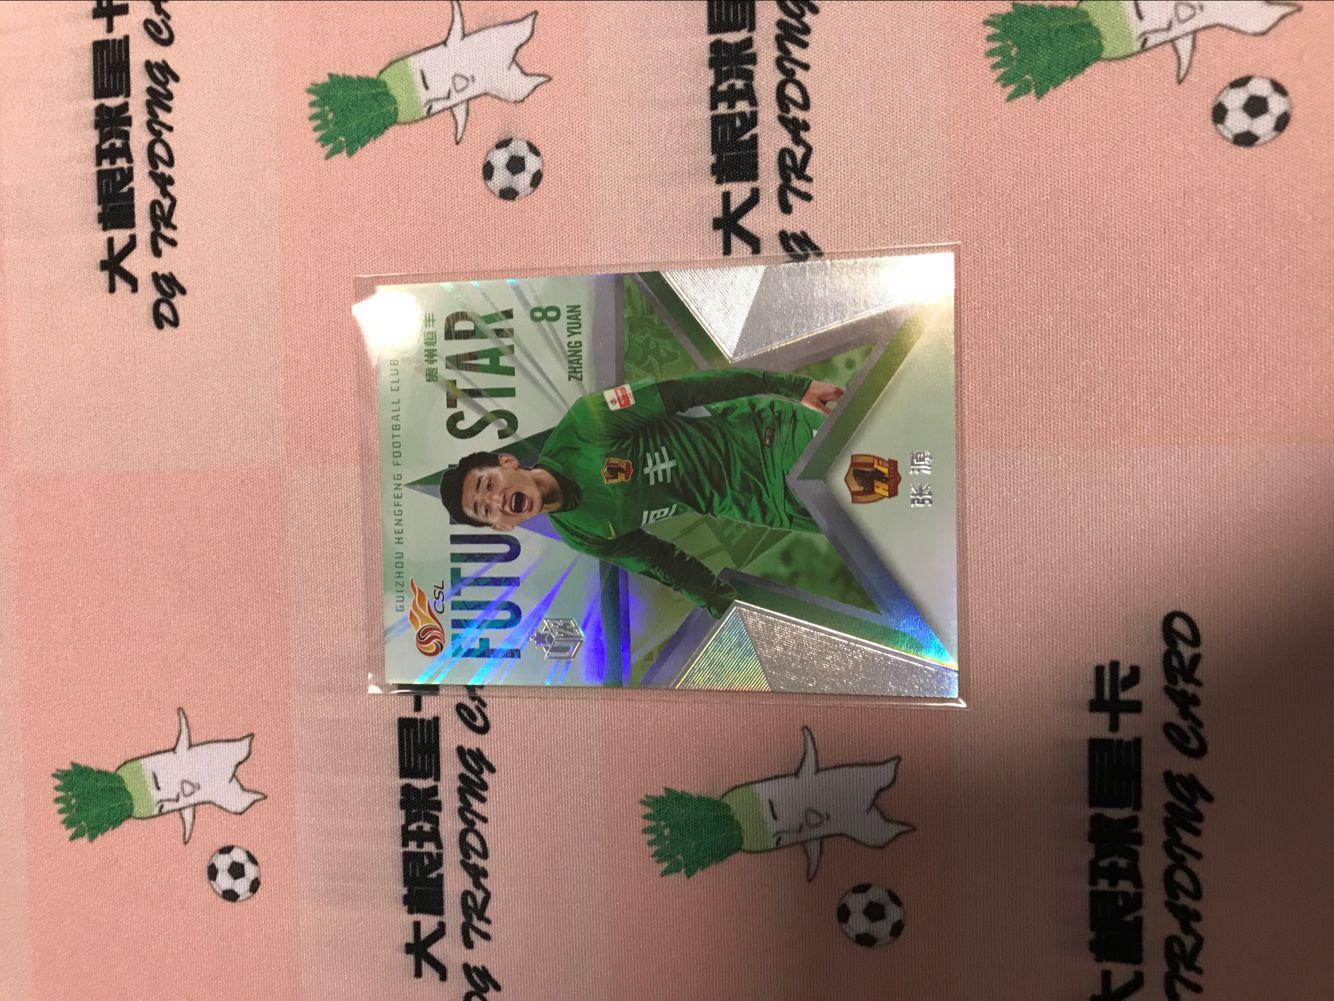 【大根球星卡】2018 中体 中超 未来之星特卡 北京国安 韦世豪 2盒一张!稀少!值得收藏!【7-570】